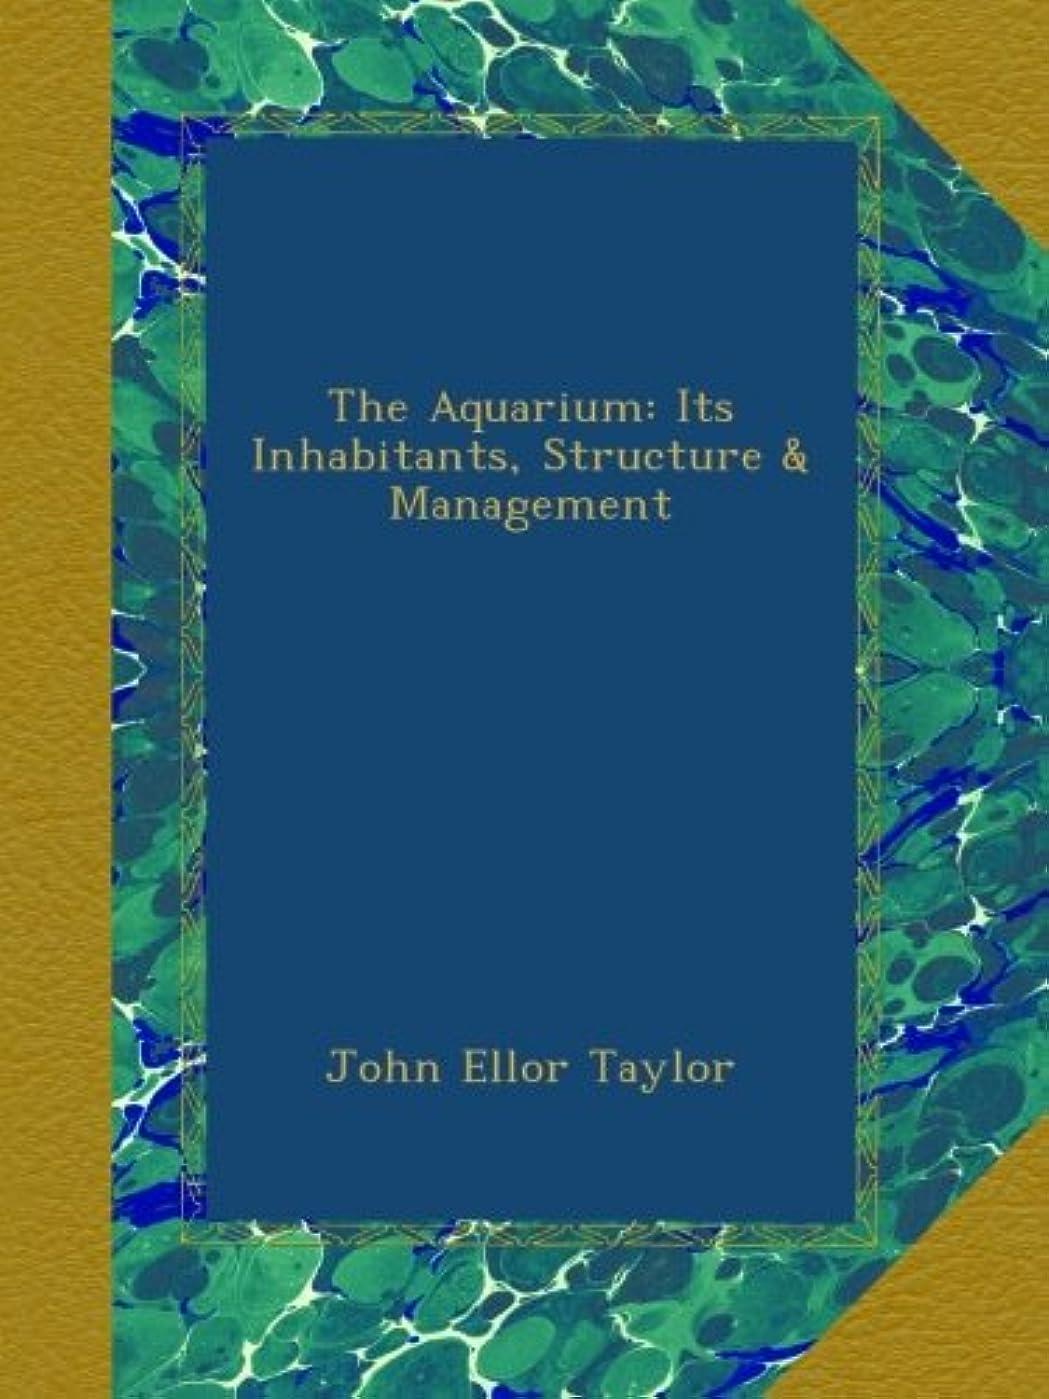 構成スモッグチェリーThe Aquarium: Its Inhabitants, Structure & Management